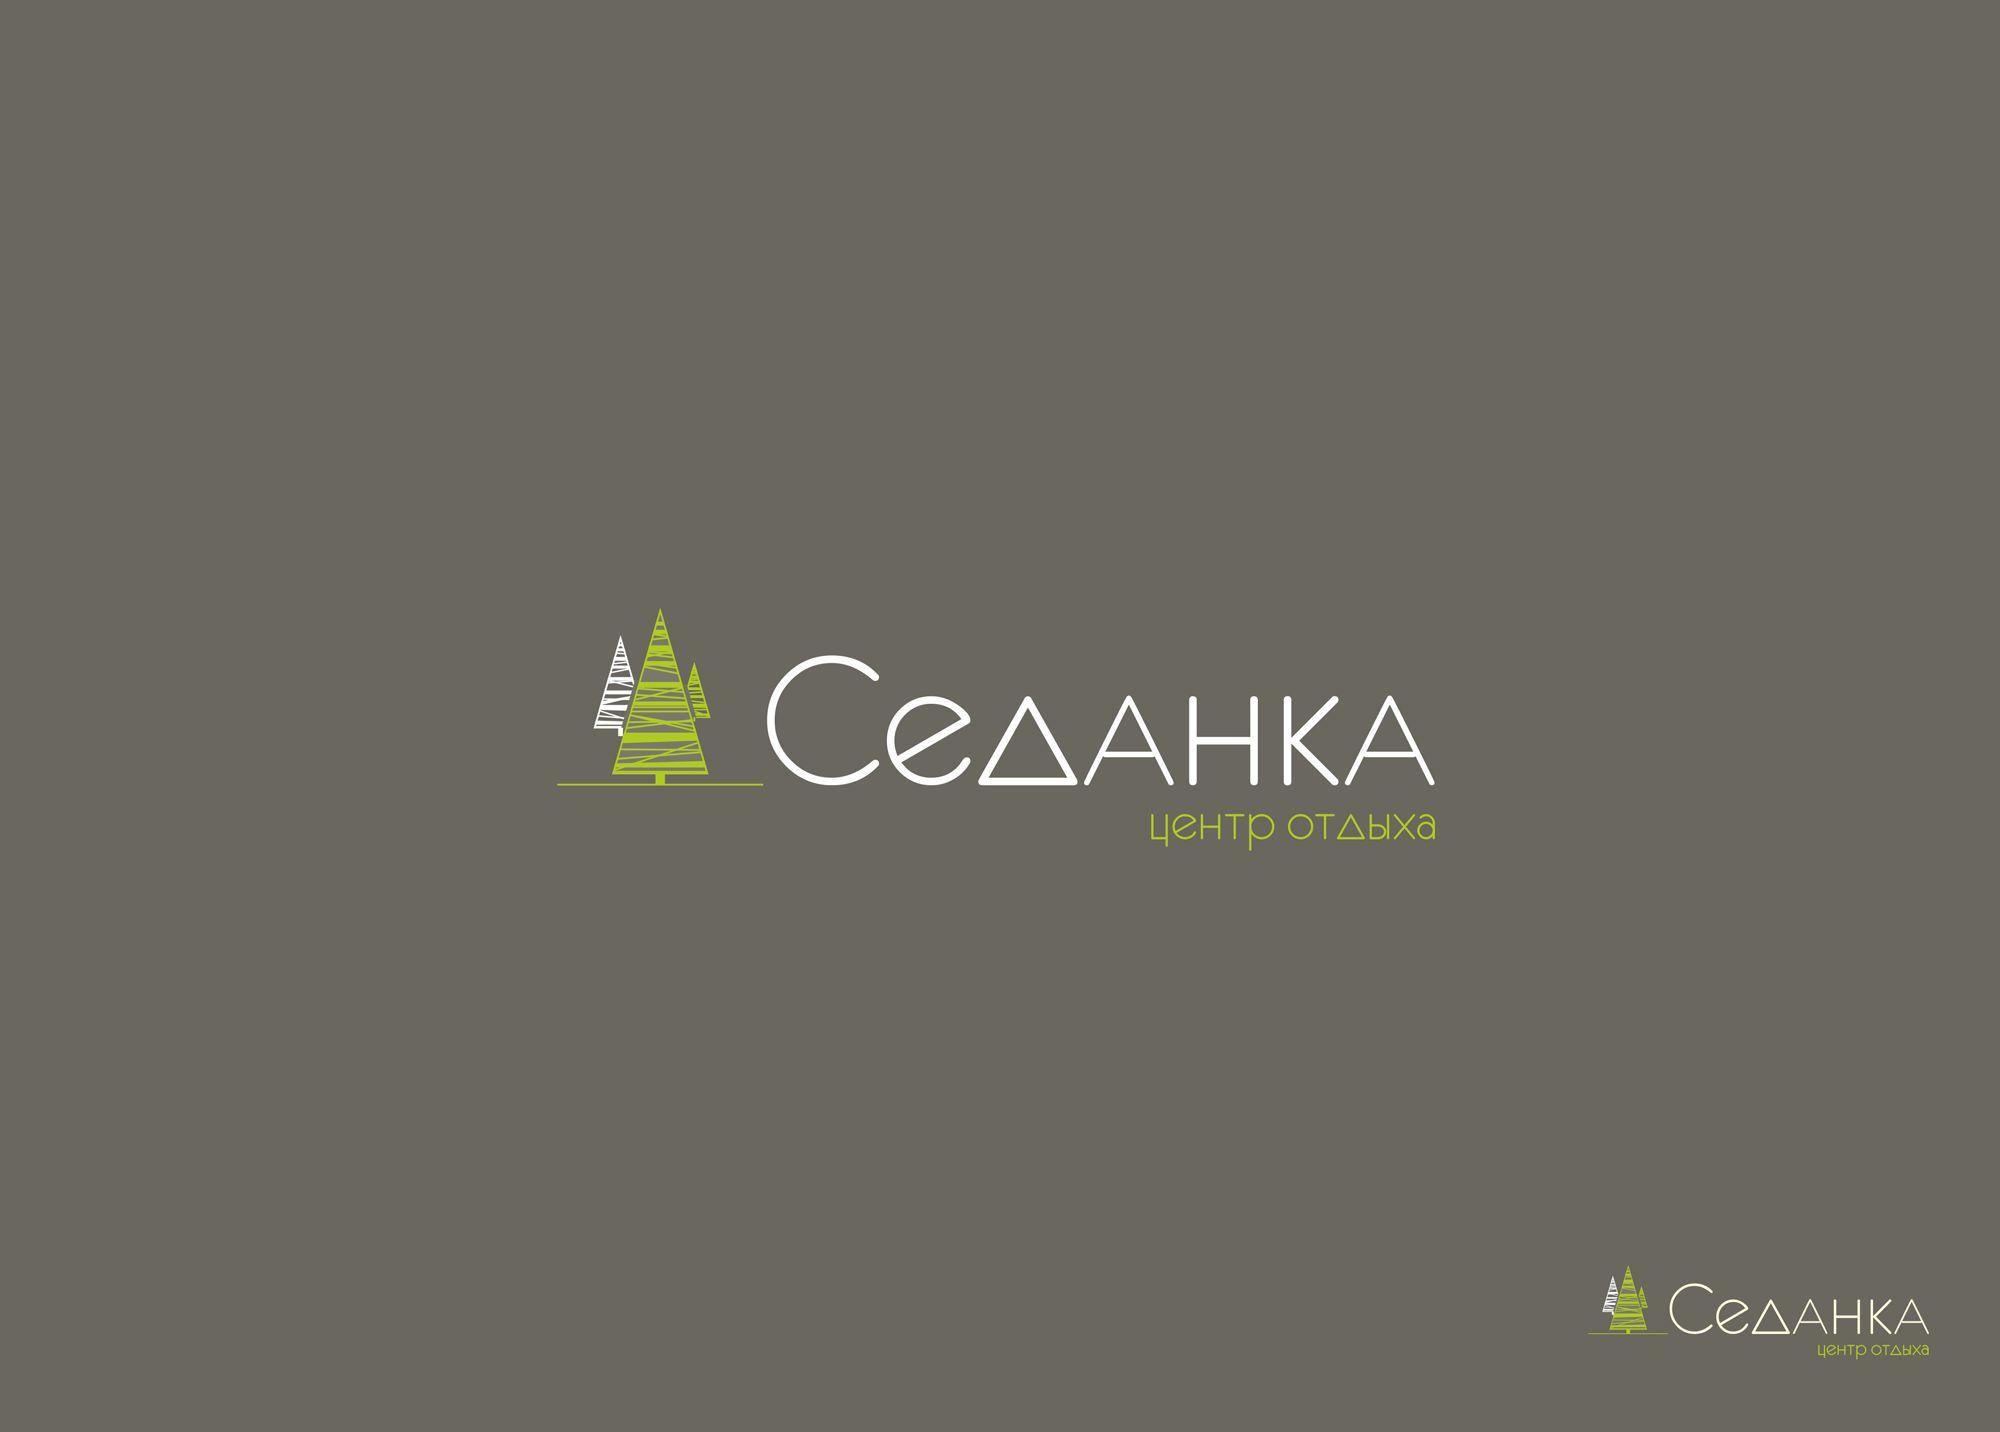 Логотип для центра отдыха - дизайнер elg